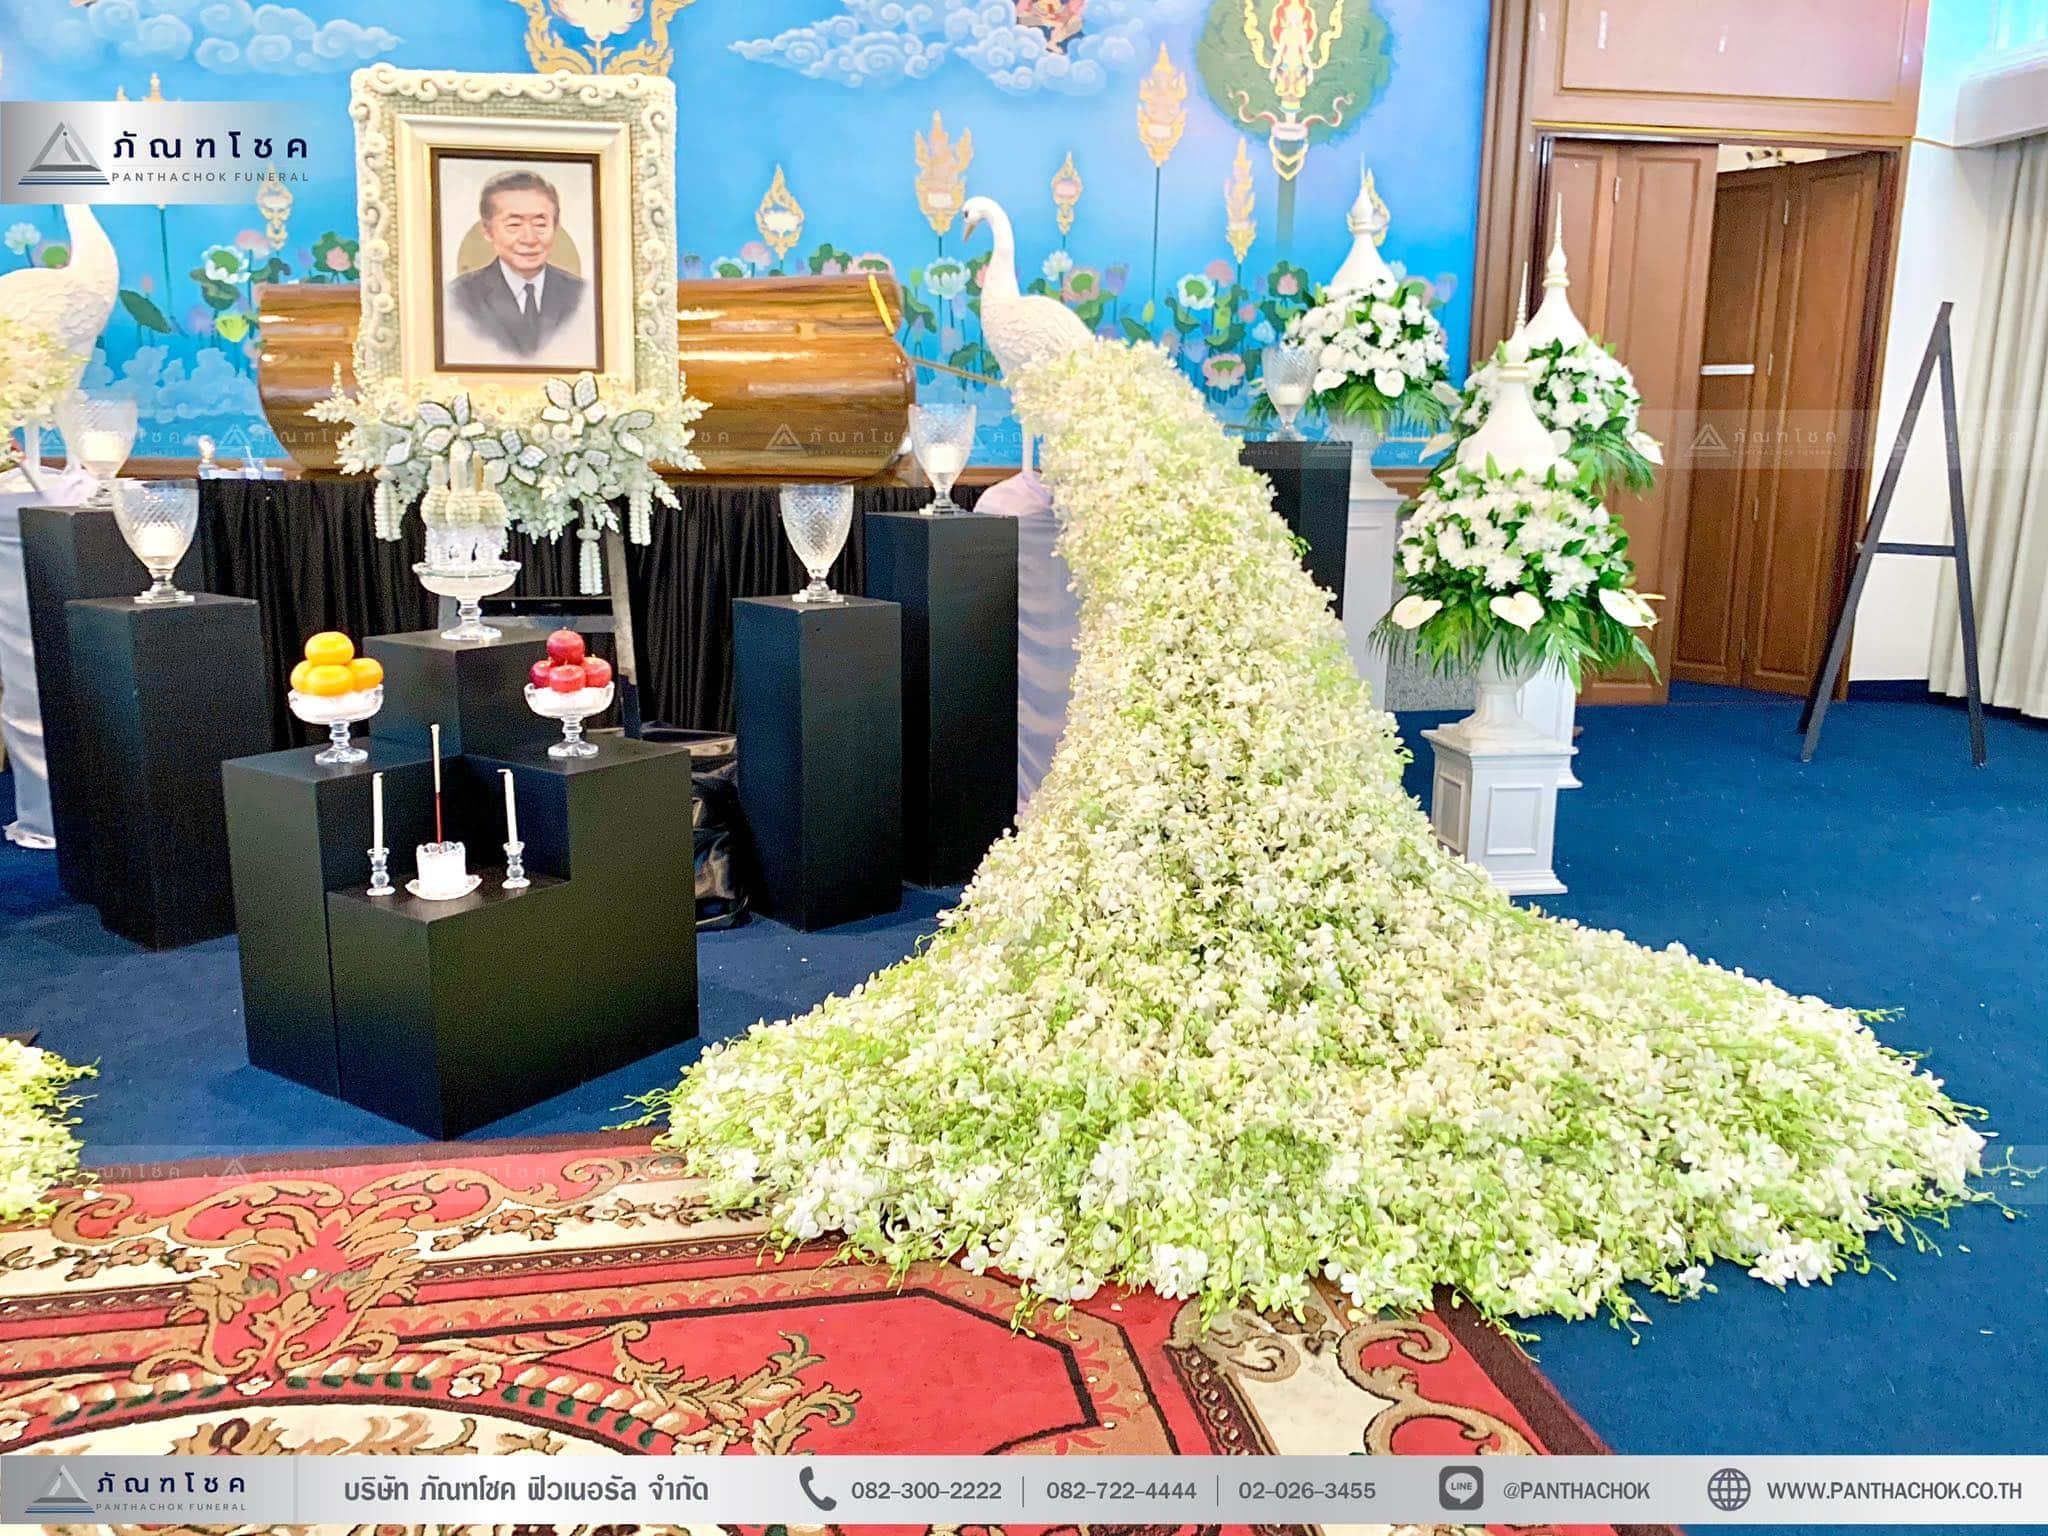 ดอกไม้งานศพรูปแบบโมเดิร์นผสานไทยประยุกต์ 6